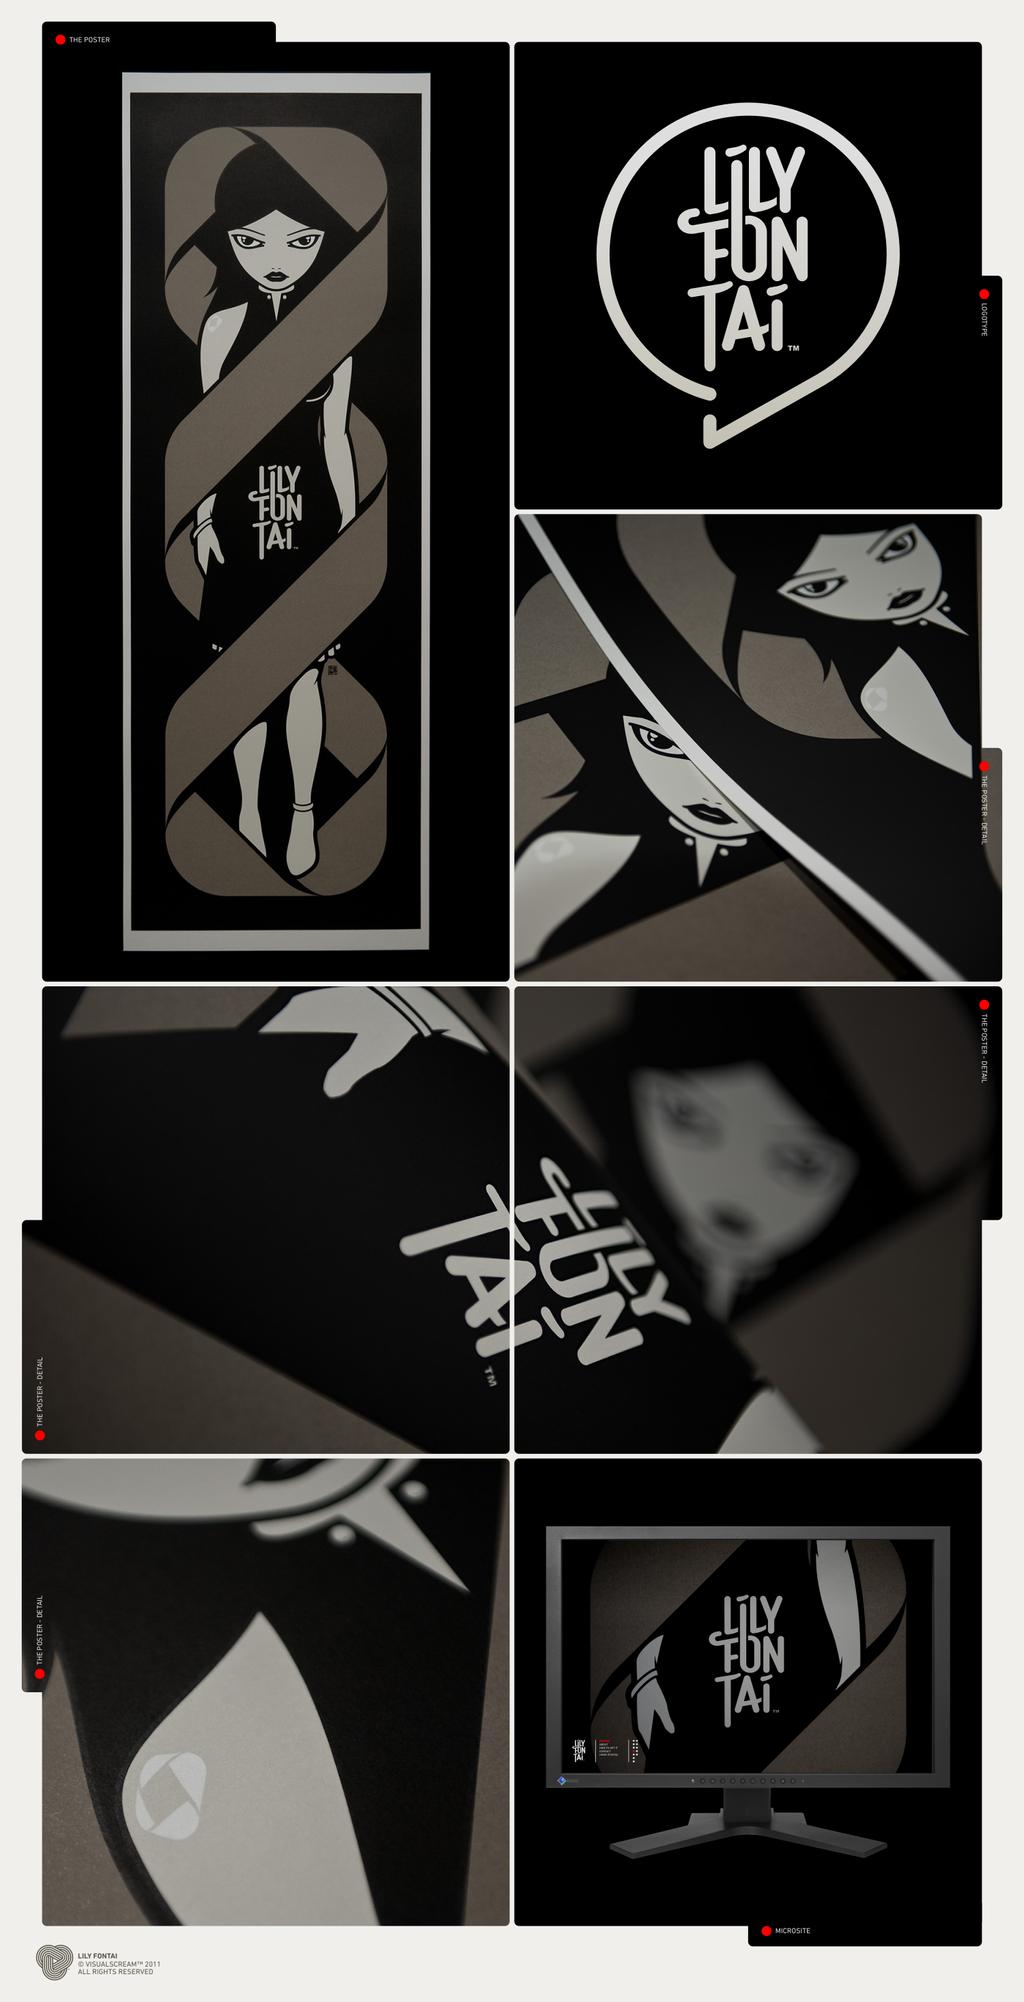 lily fontai by Raven30412